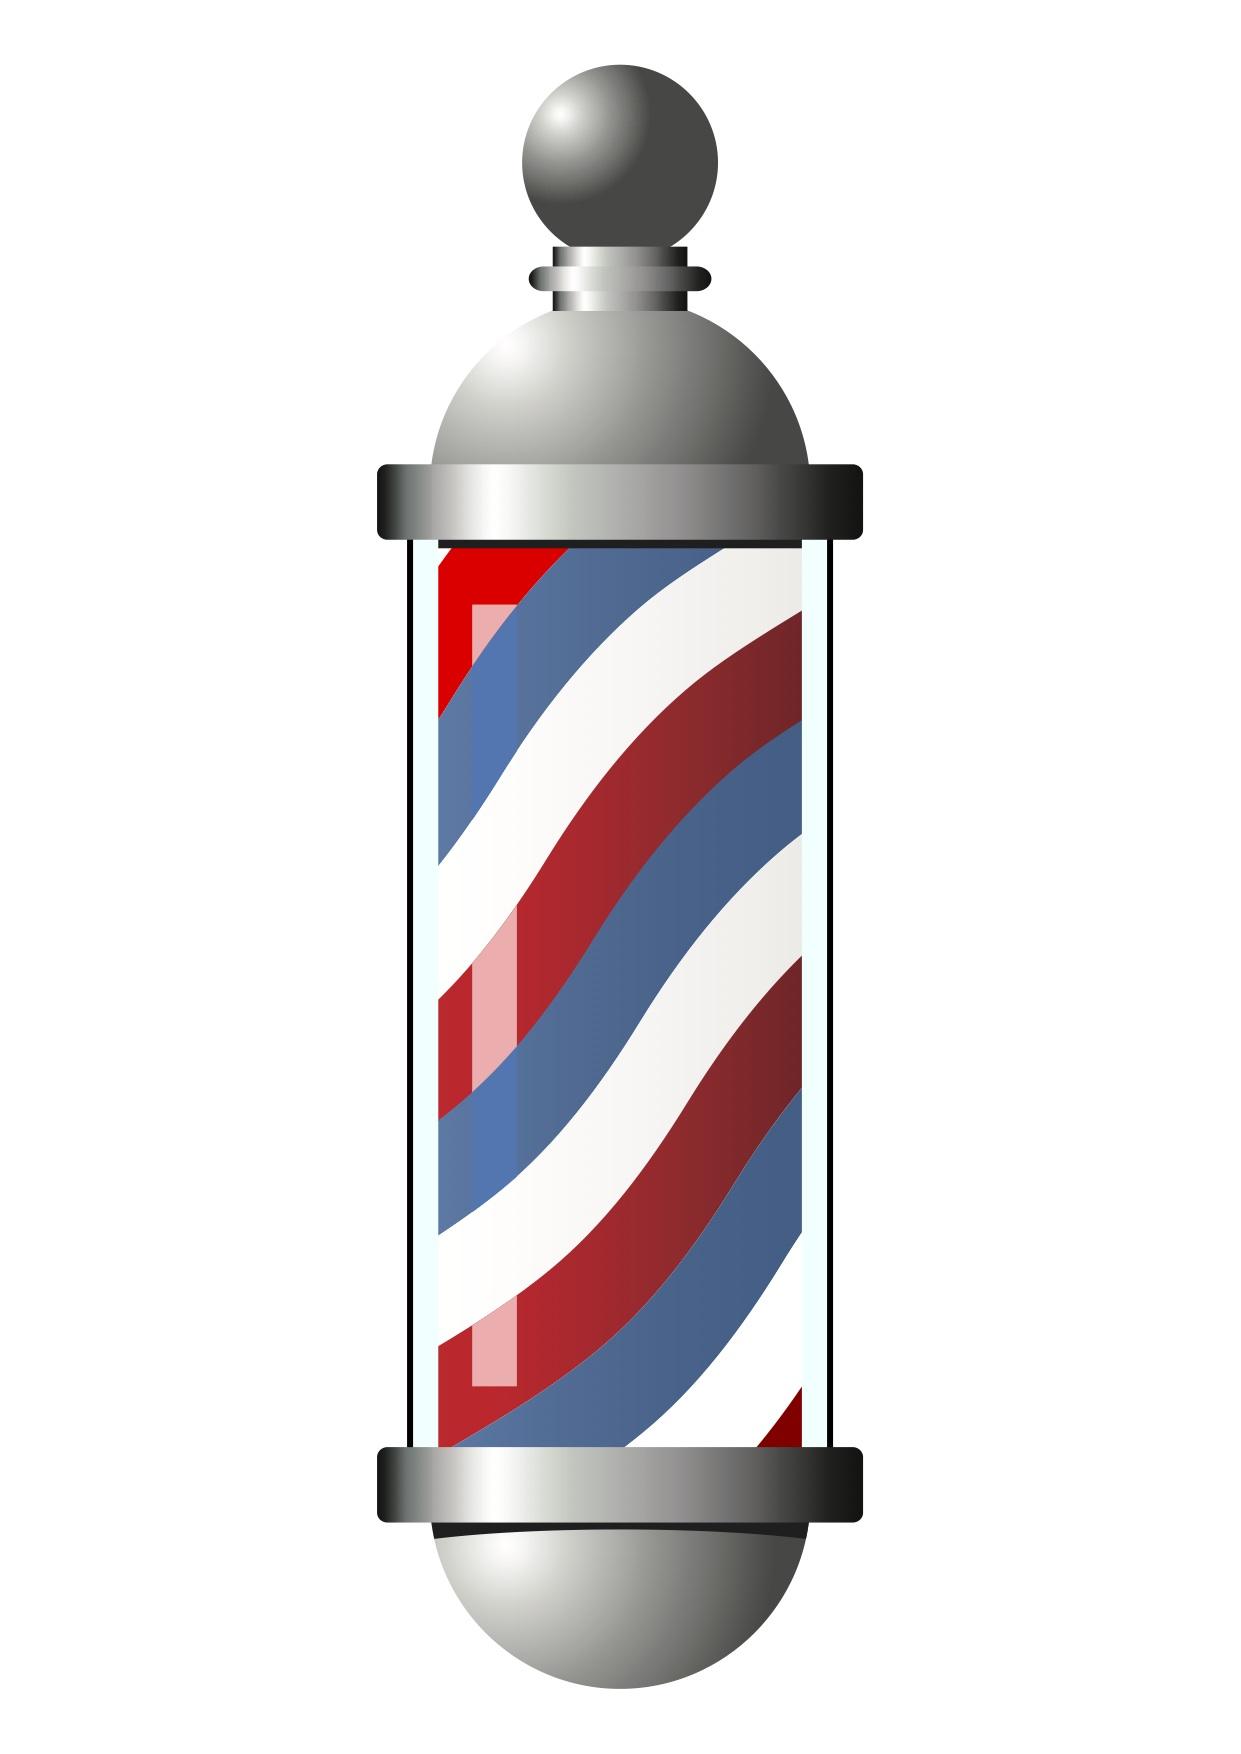 barber shop sign clipart best. Black Bedroom Furniture Sets. Home Design Ideas